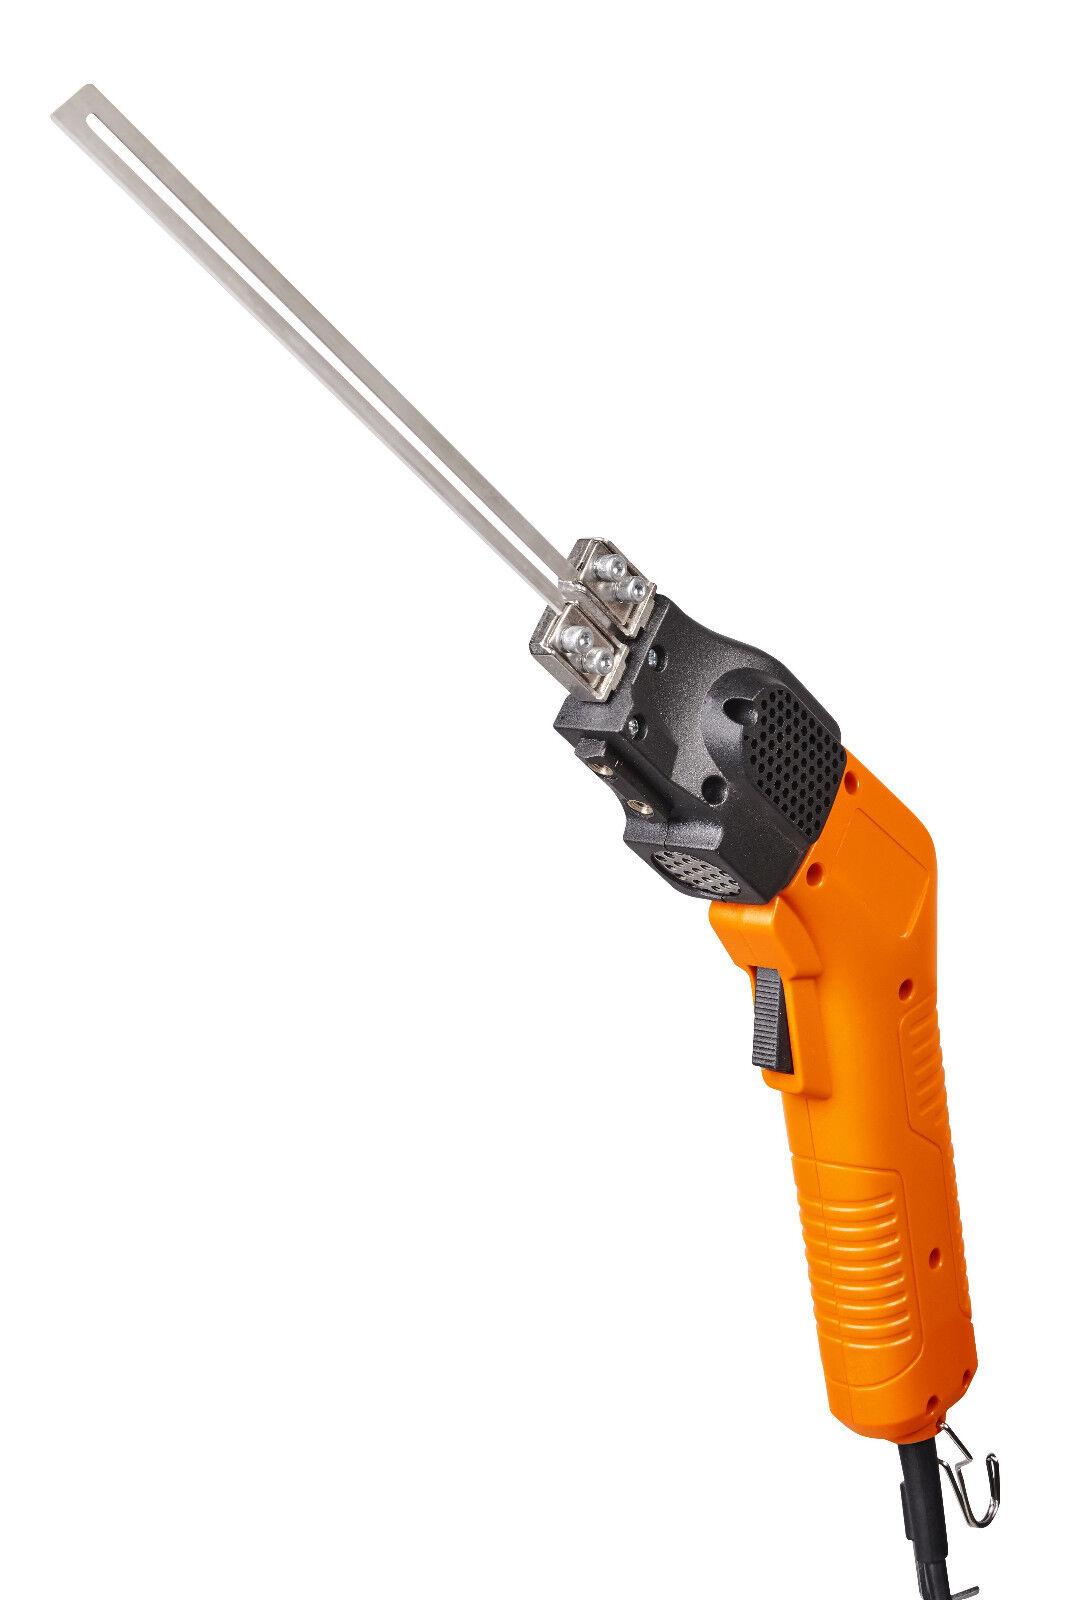 Profix Styroporschneider HotKnife 250 Thermosäge Heißdrahtschneider NEU 330 Watt